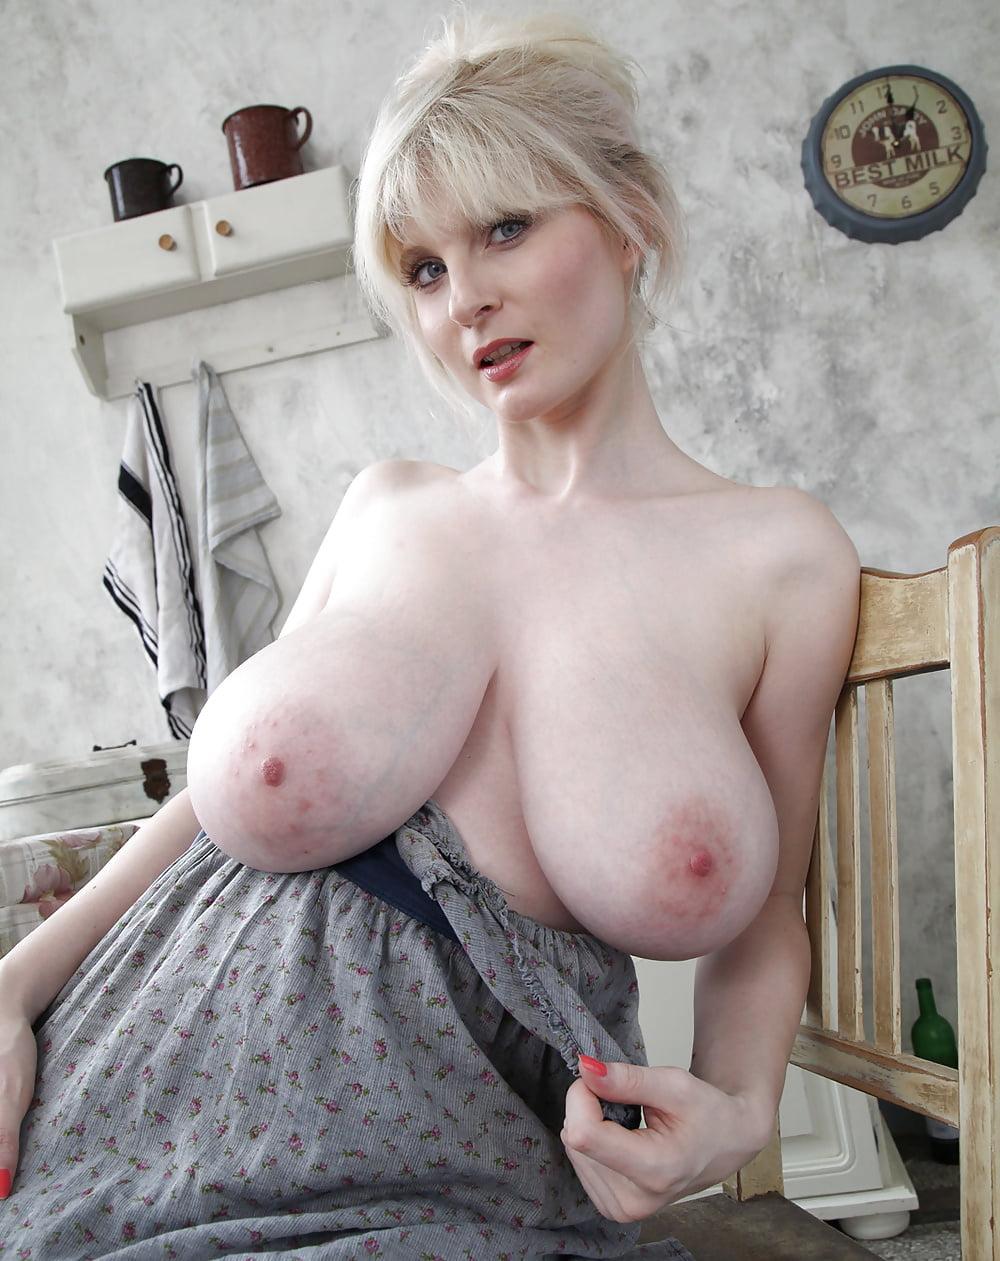 Темных фото обнаженной женской висячей груди с большими сиськами предметов женскую